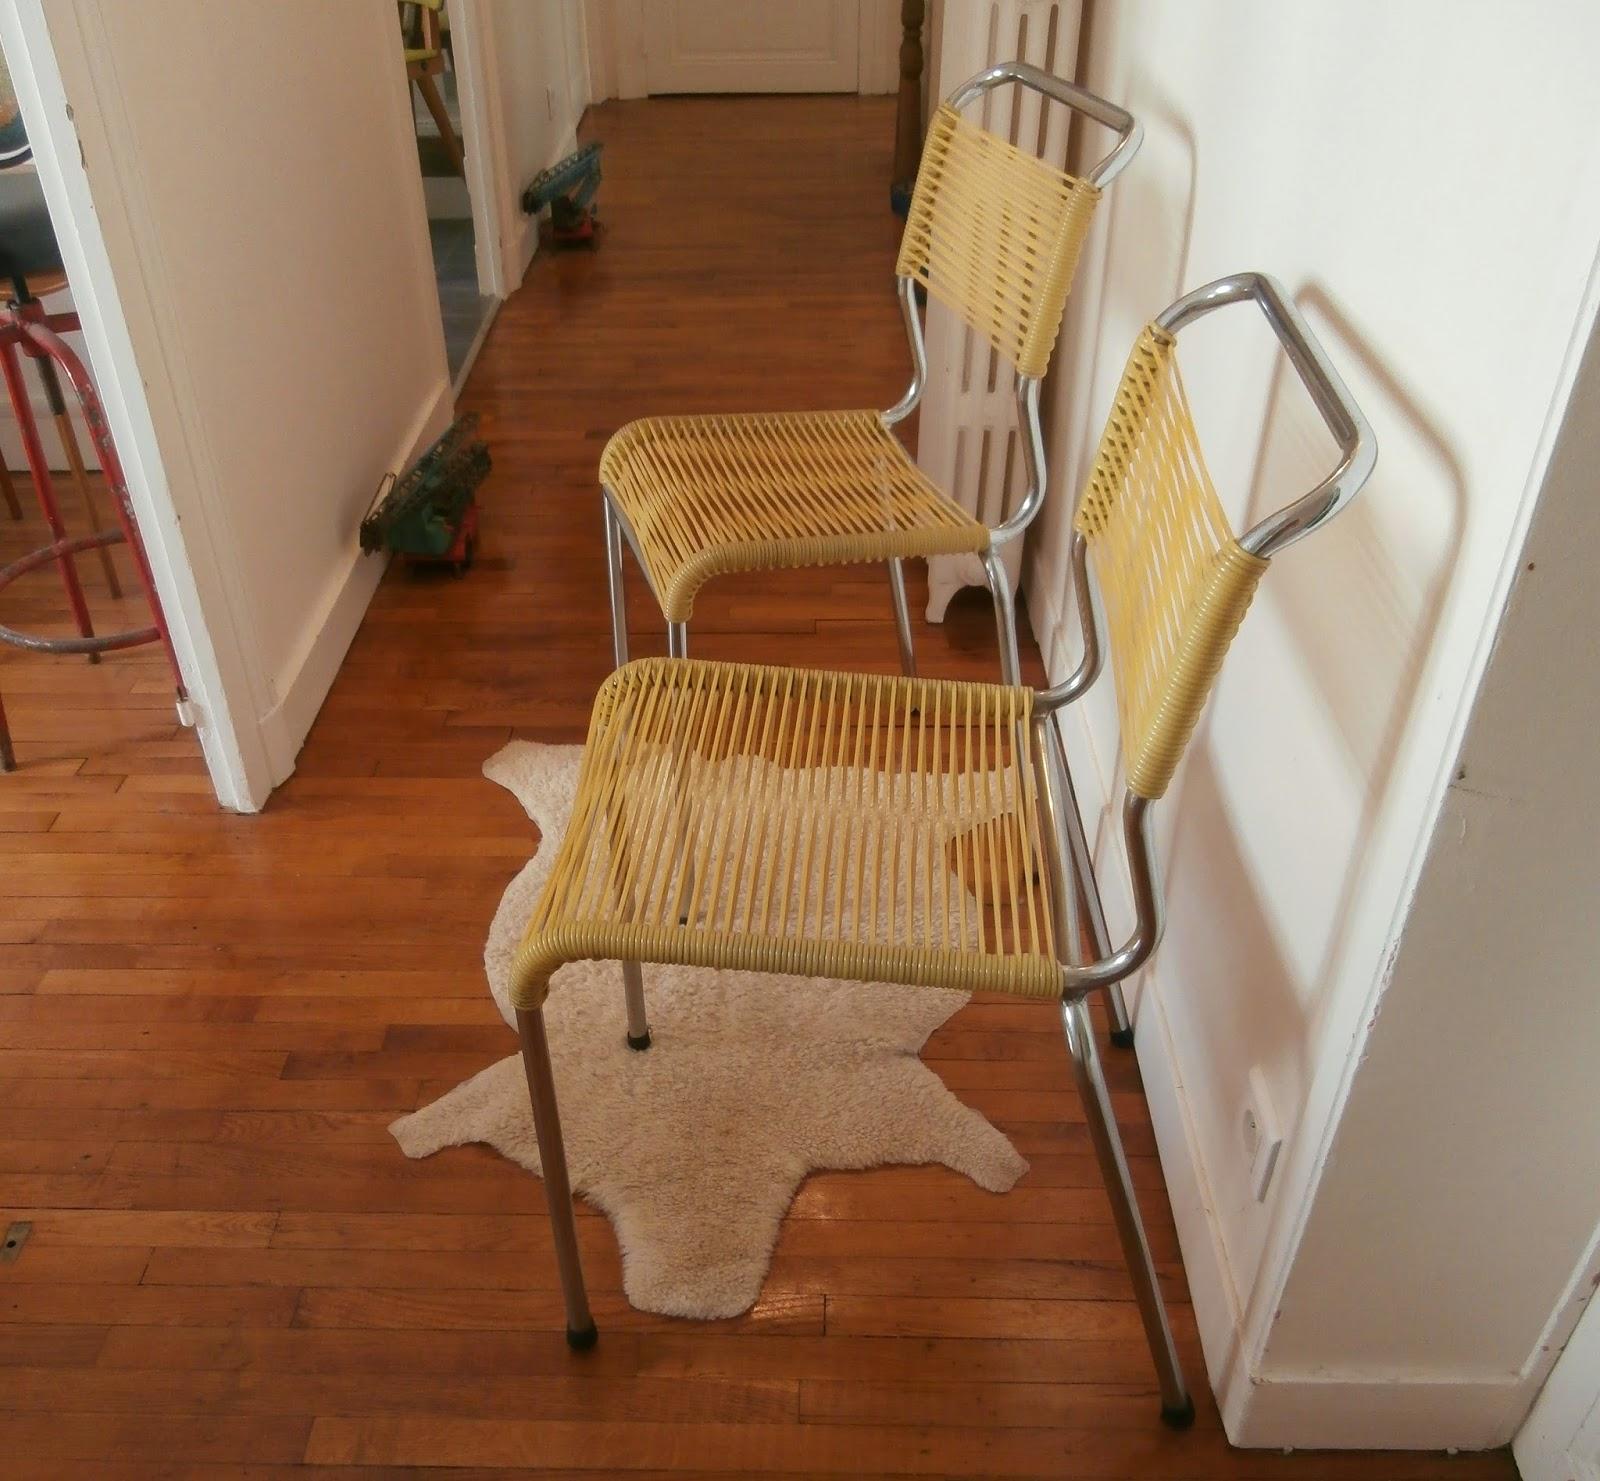 Dur e de vie ind termin e chaises en scoubidous jaune for Duree de vie d un chene